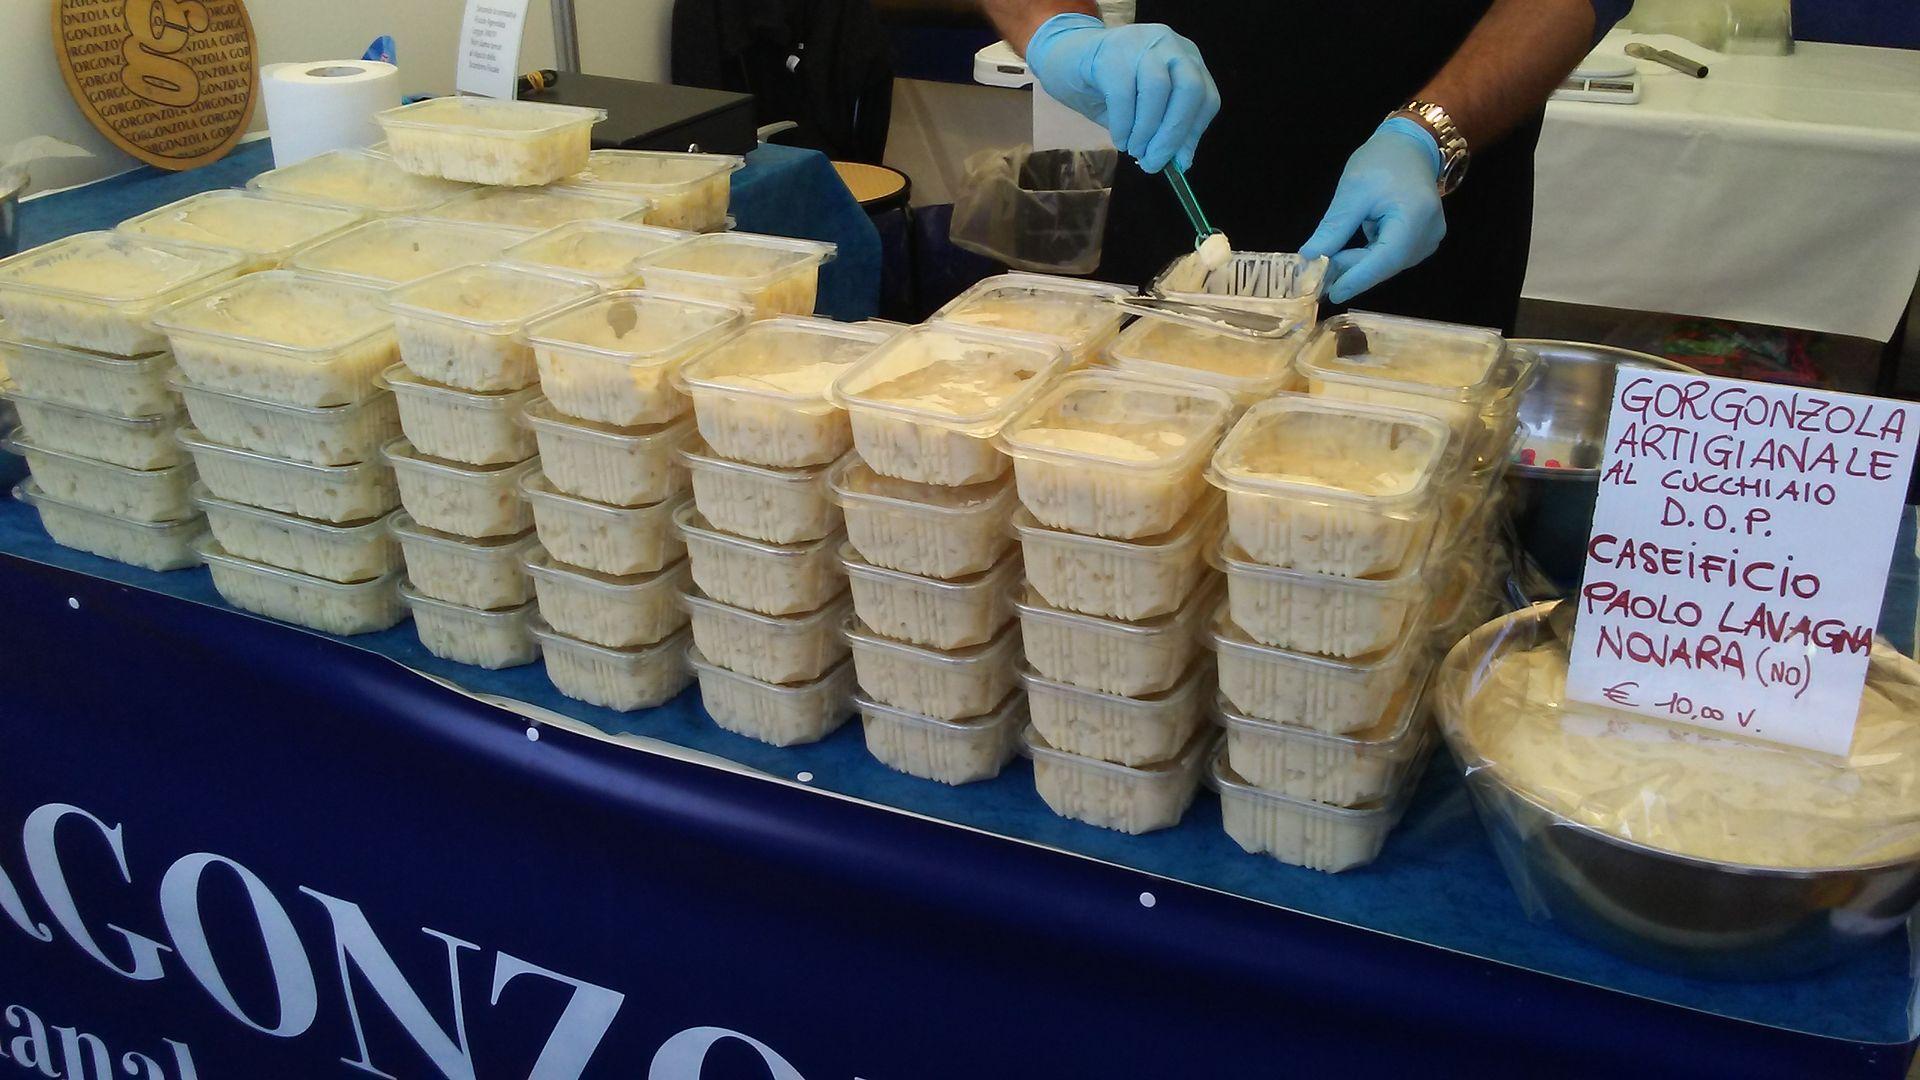 La Guida - Carabinieri scoprono falso gorgonzola